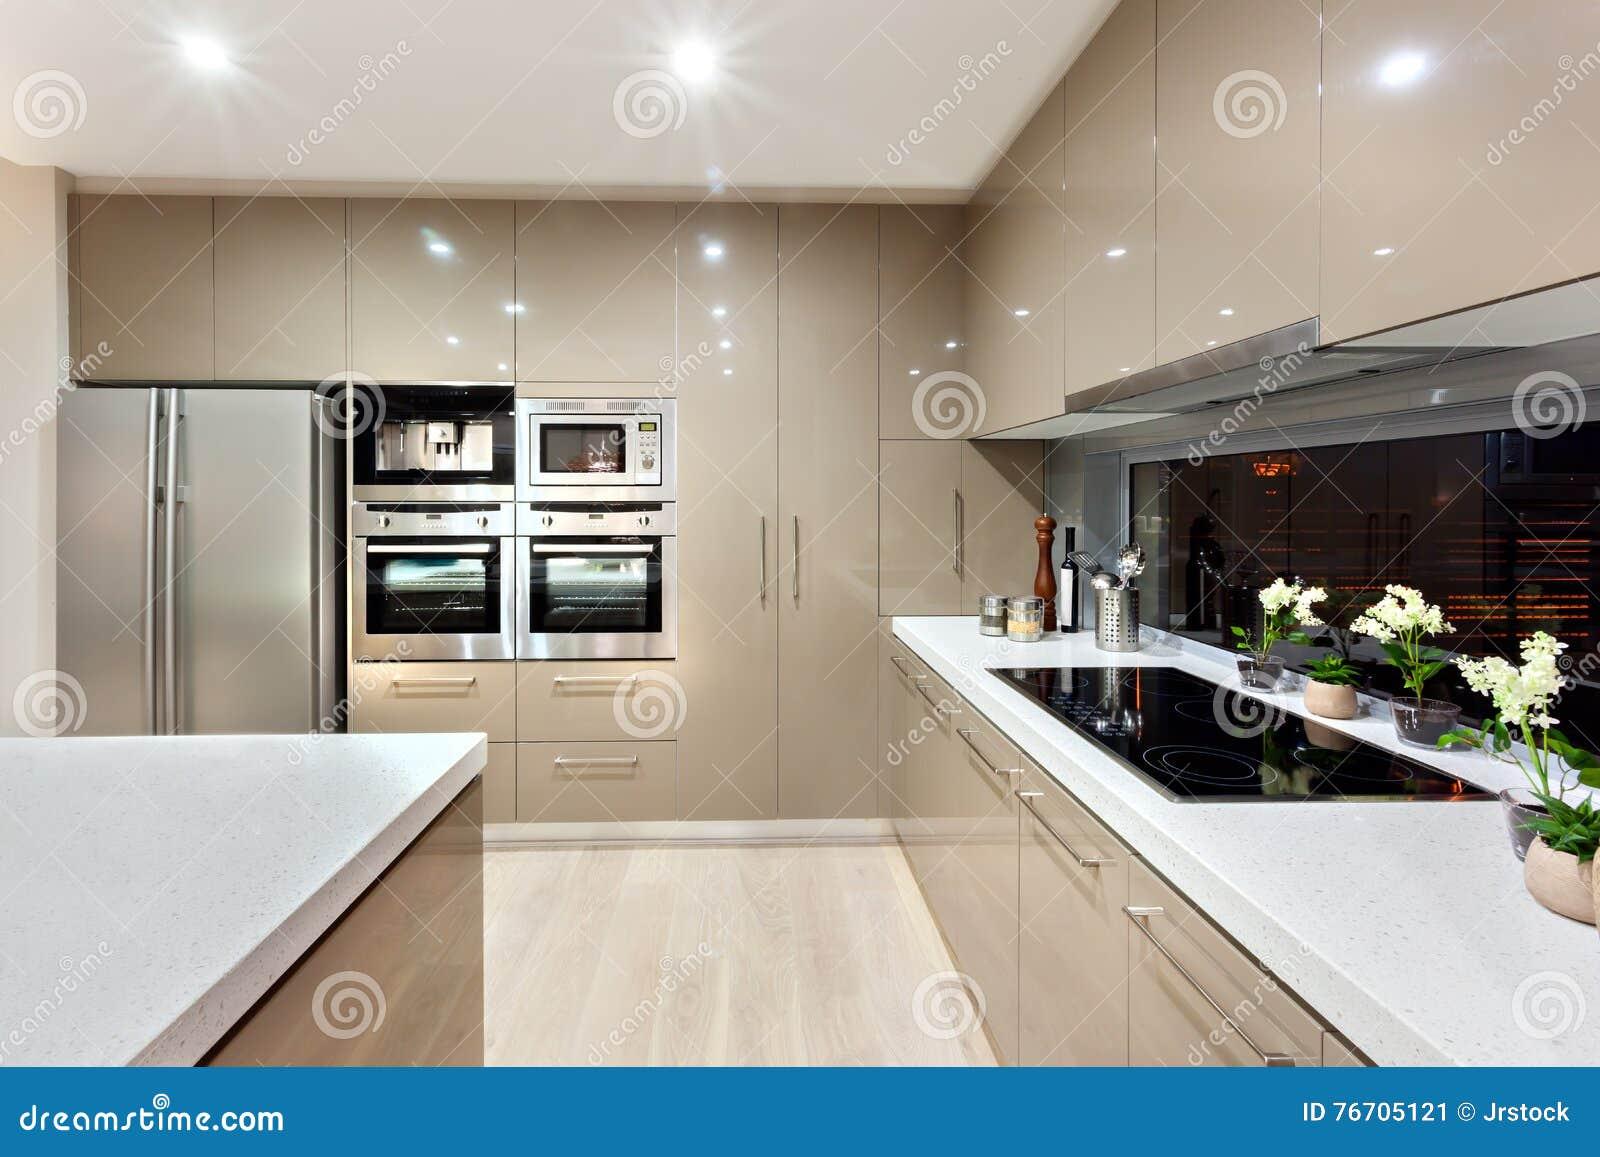 Interieur De La Cuisine Moderne Dans Une Maison De Luxe Image Stock